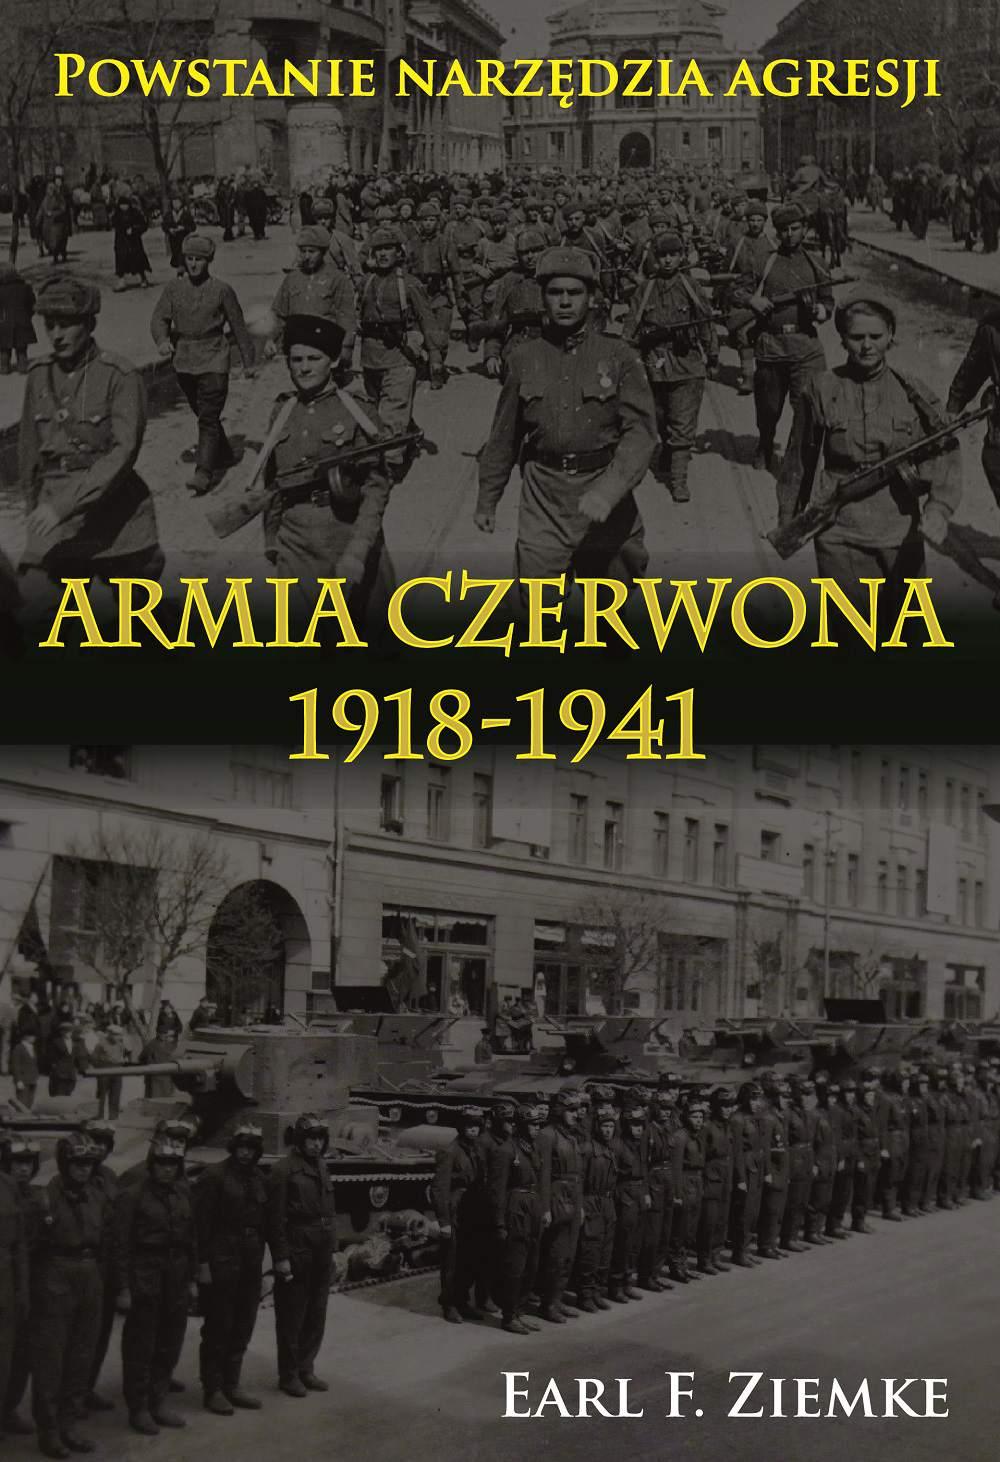 Armia Czerwona 1918-1941. Powstanie narzędzia agresji - Ebook (Książka EPUB) do pobrania w formacie EPUB